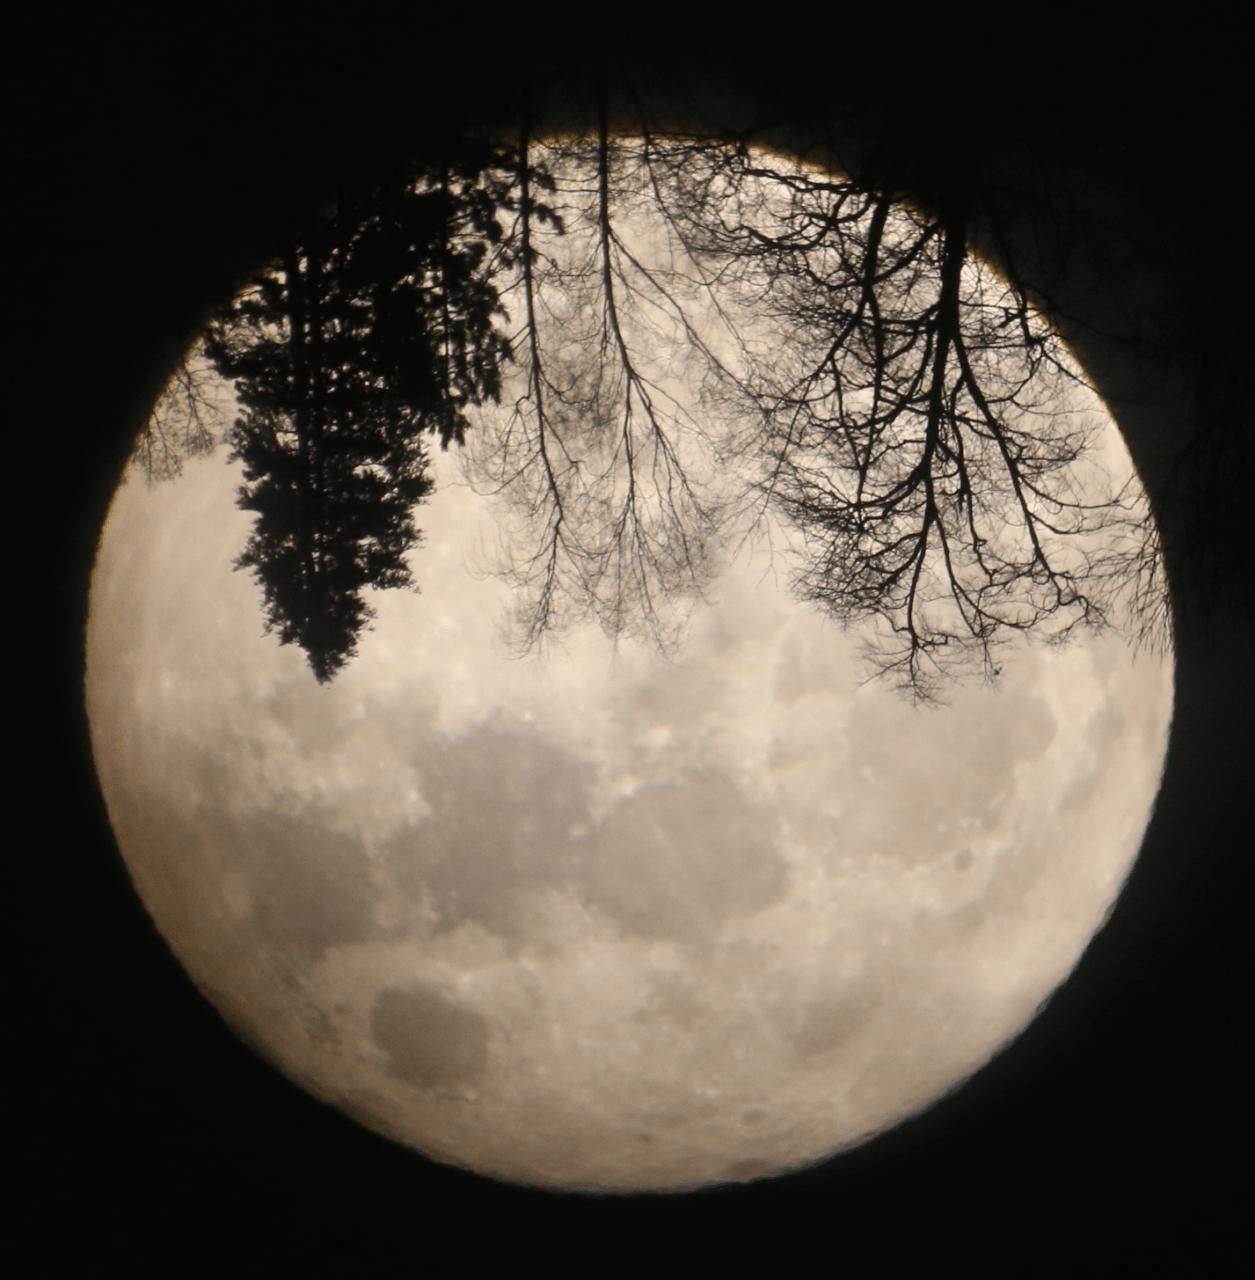 Aufnahme des Monds mit Baumsilhouetten